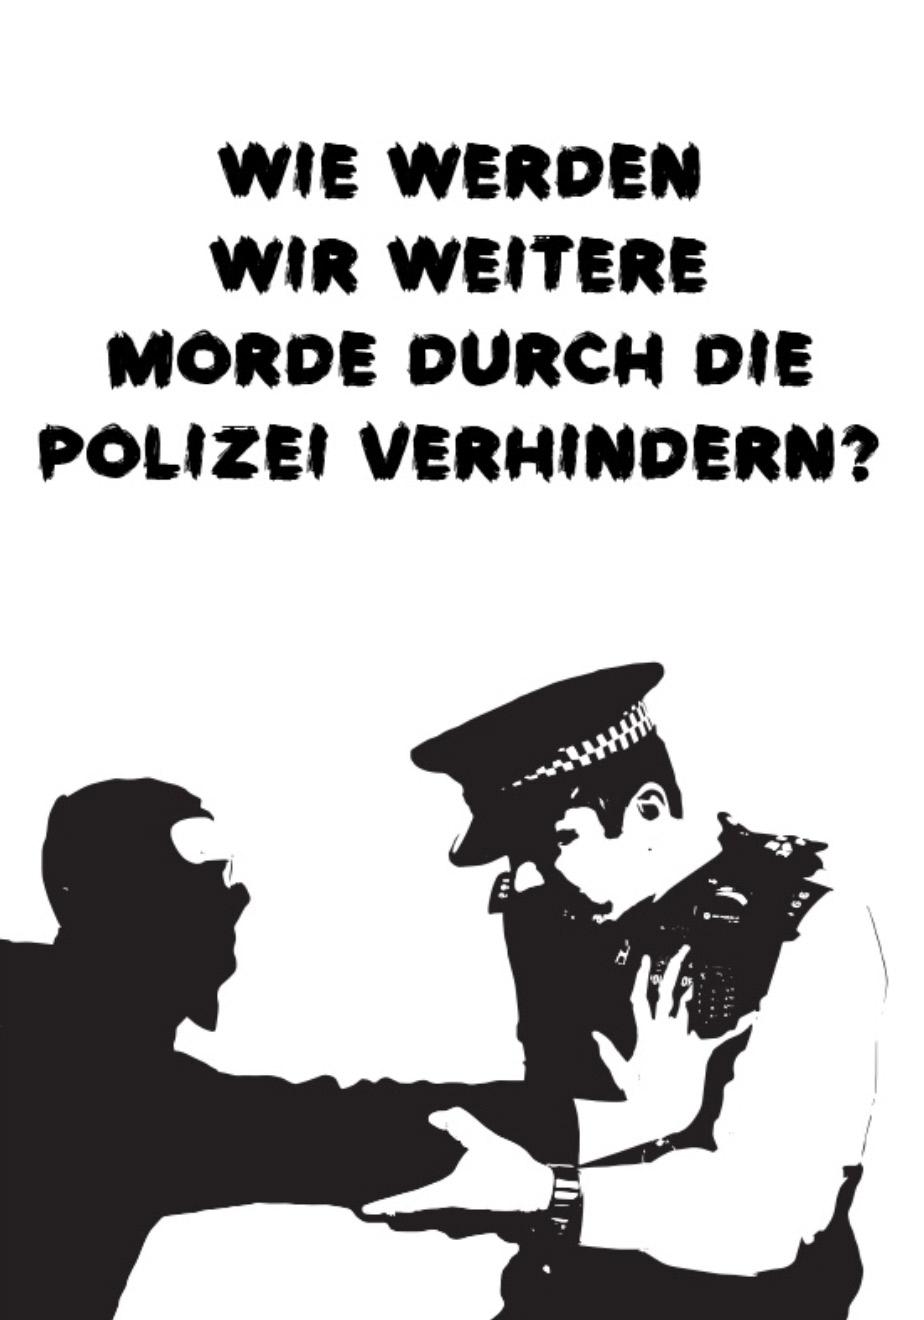 Photo of 'Wie werden wir weitere Morde durch die Polizei verhindern?' front cover